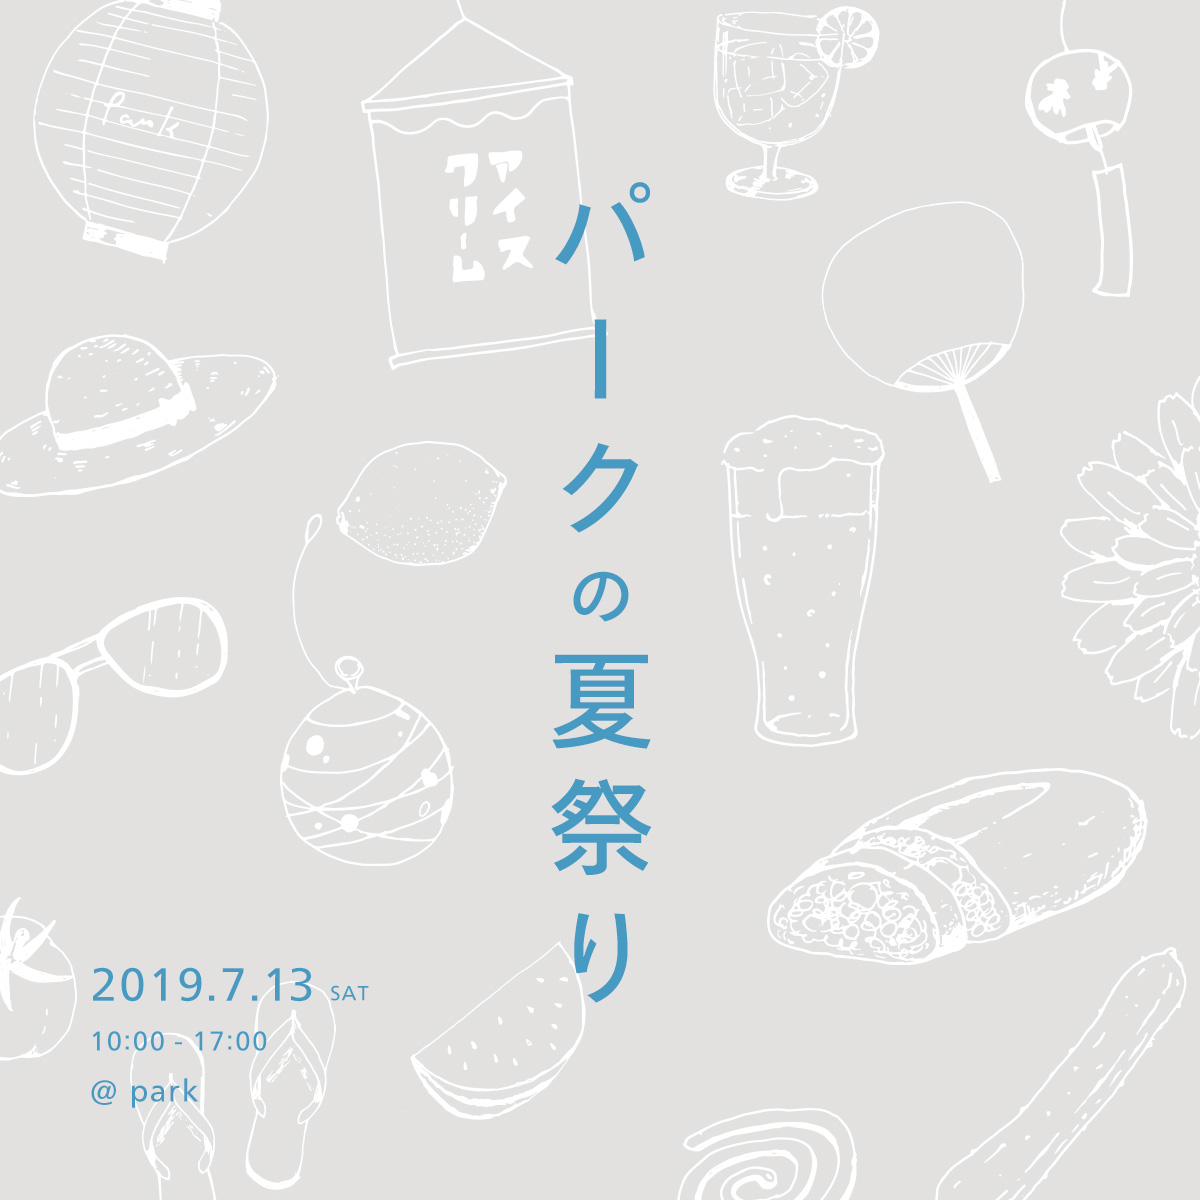 【イベント】パークの夏祭り 2019年7月13日(土)